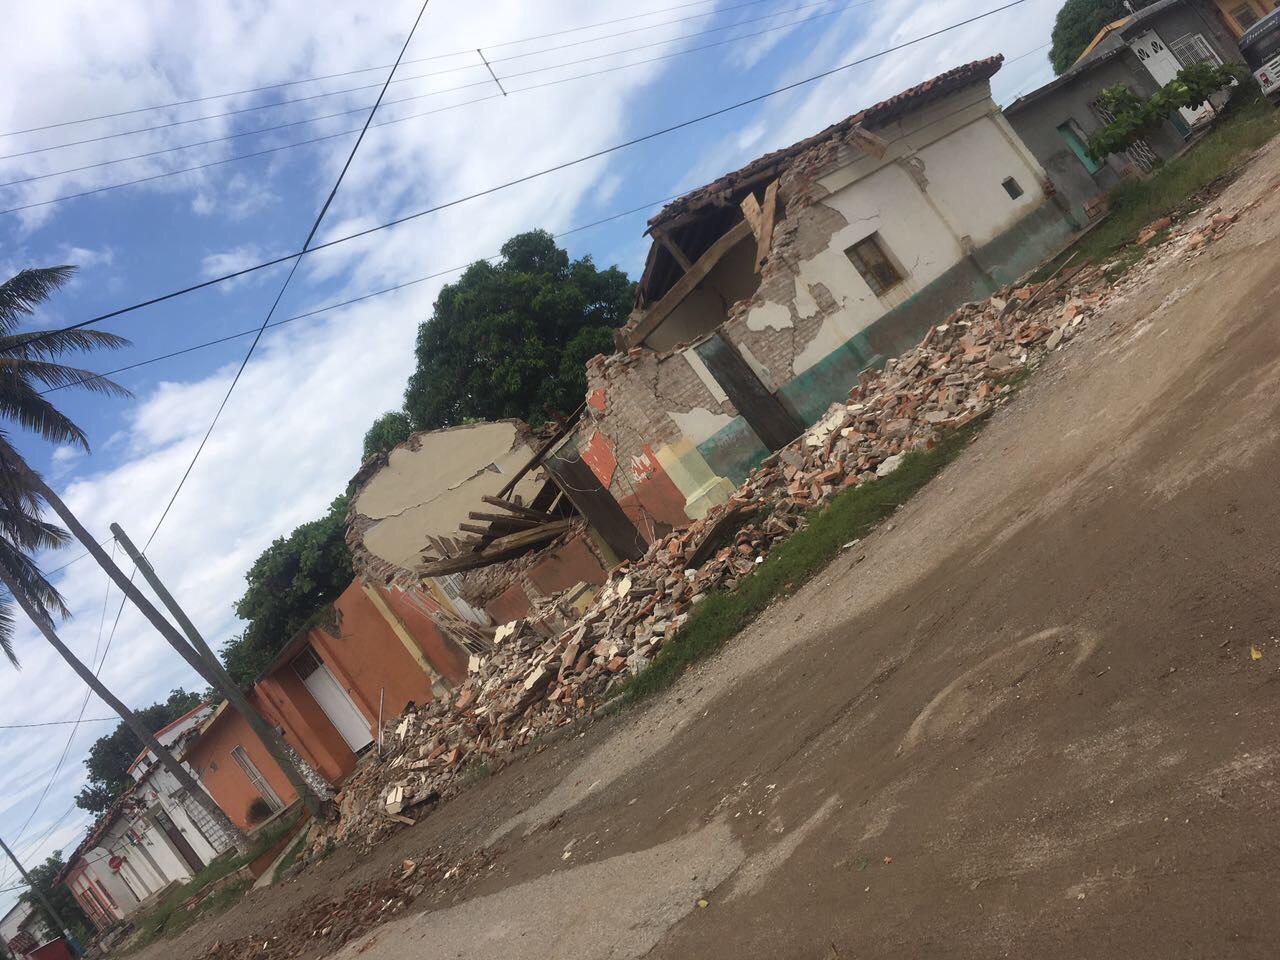 Casas destruidas terremoto méxico